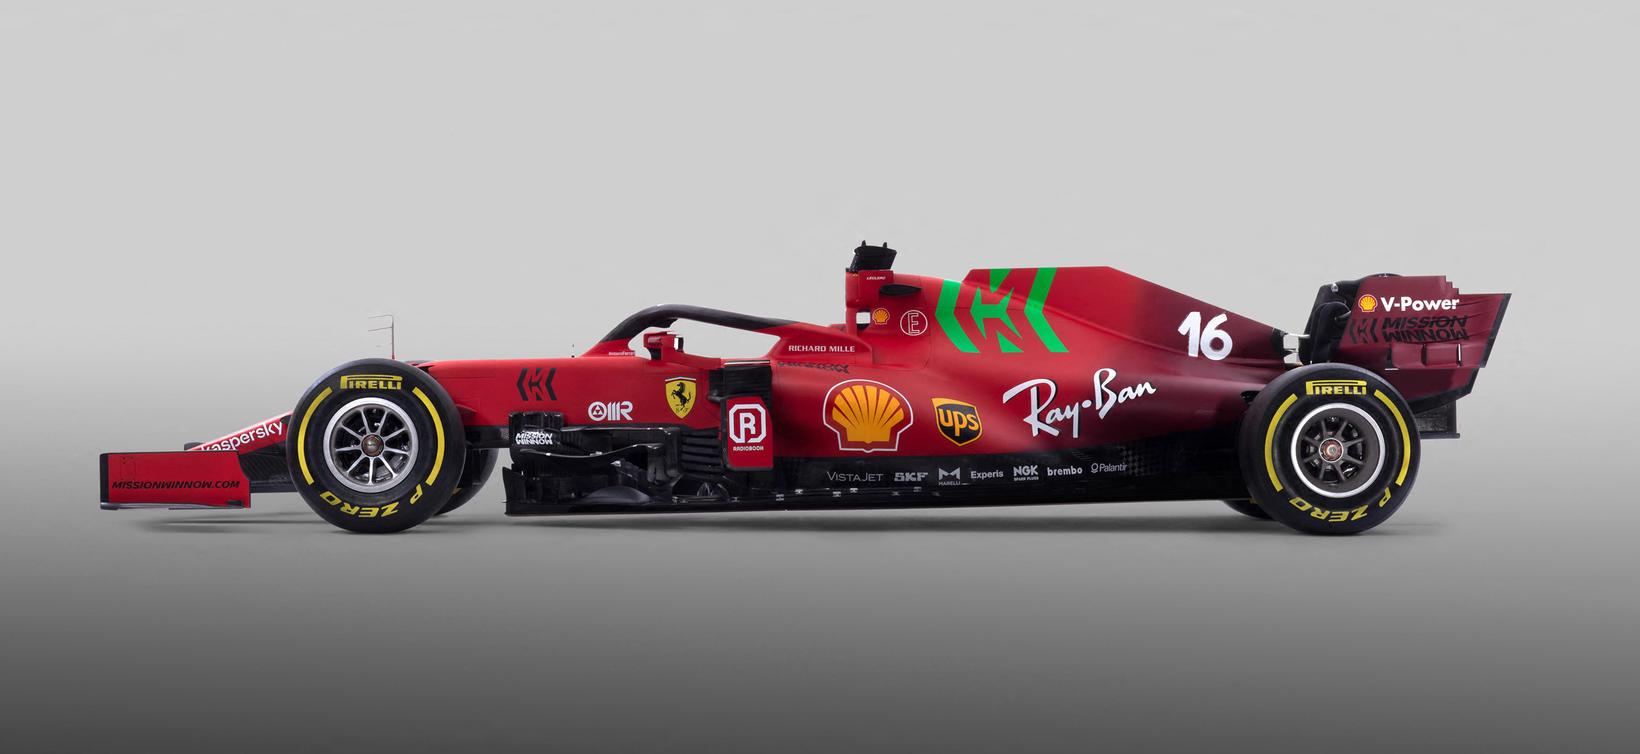 Keppnisbíll Ferrari á formúlutíðinni 2021.